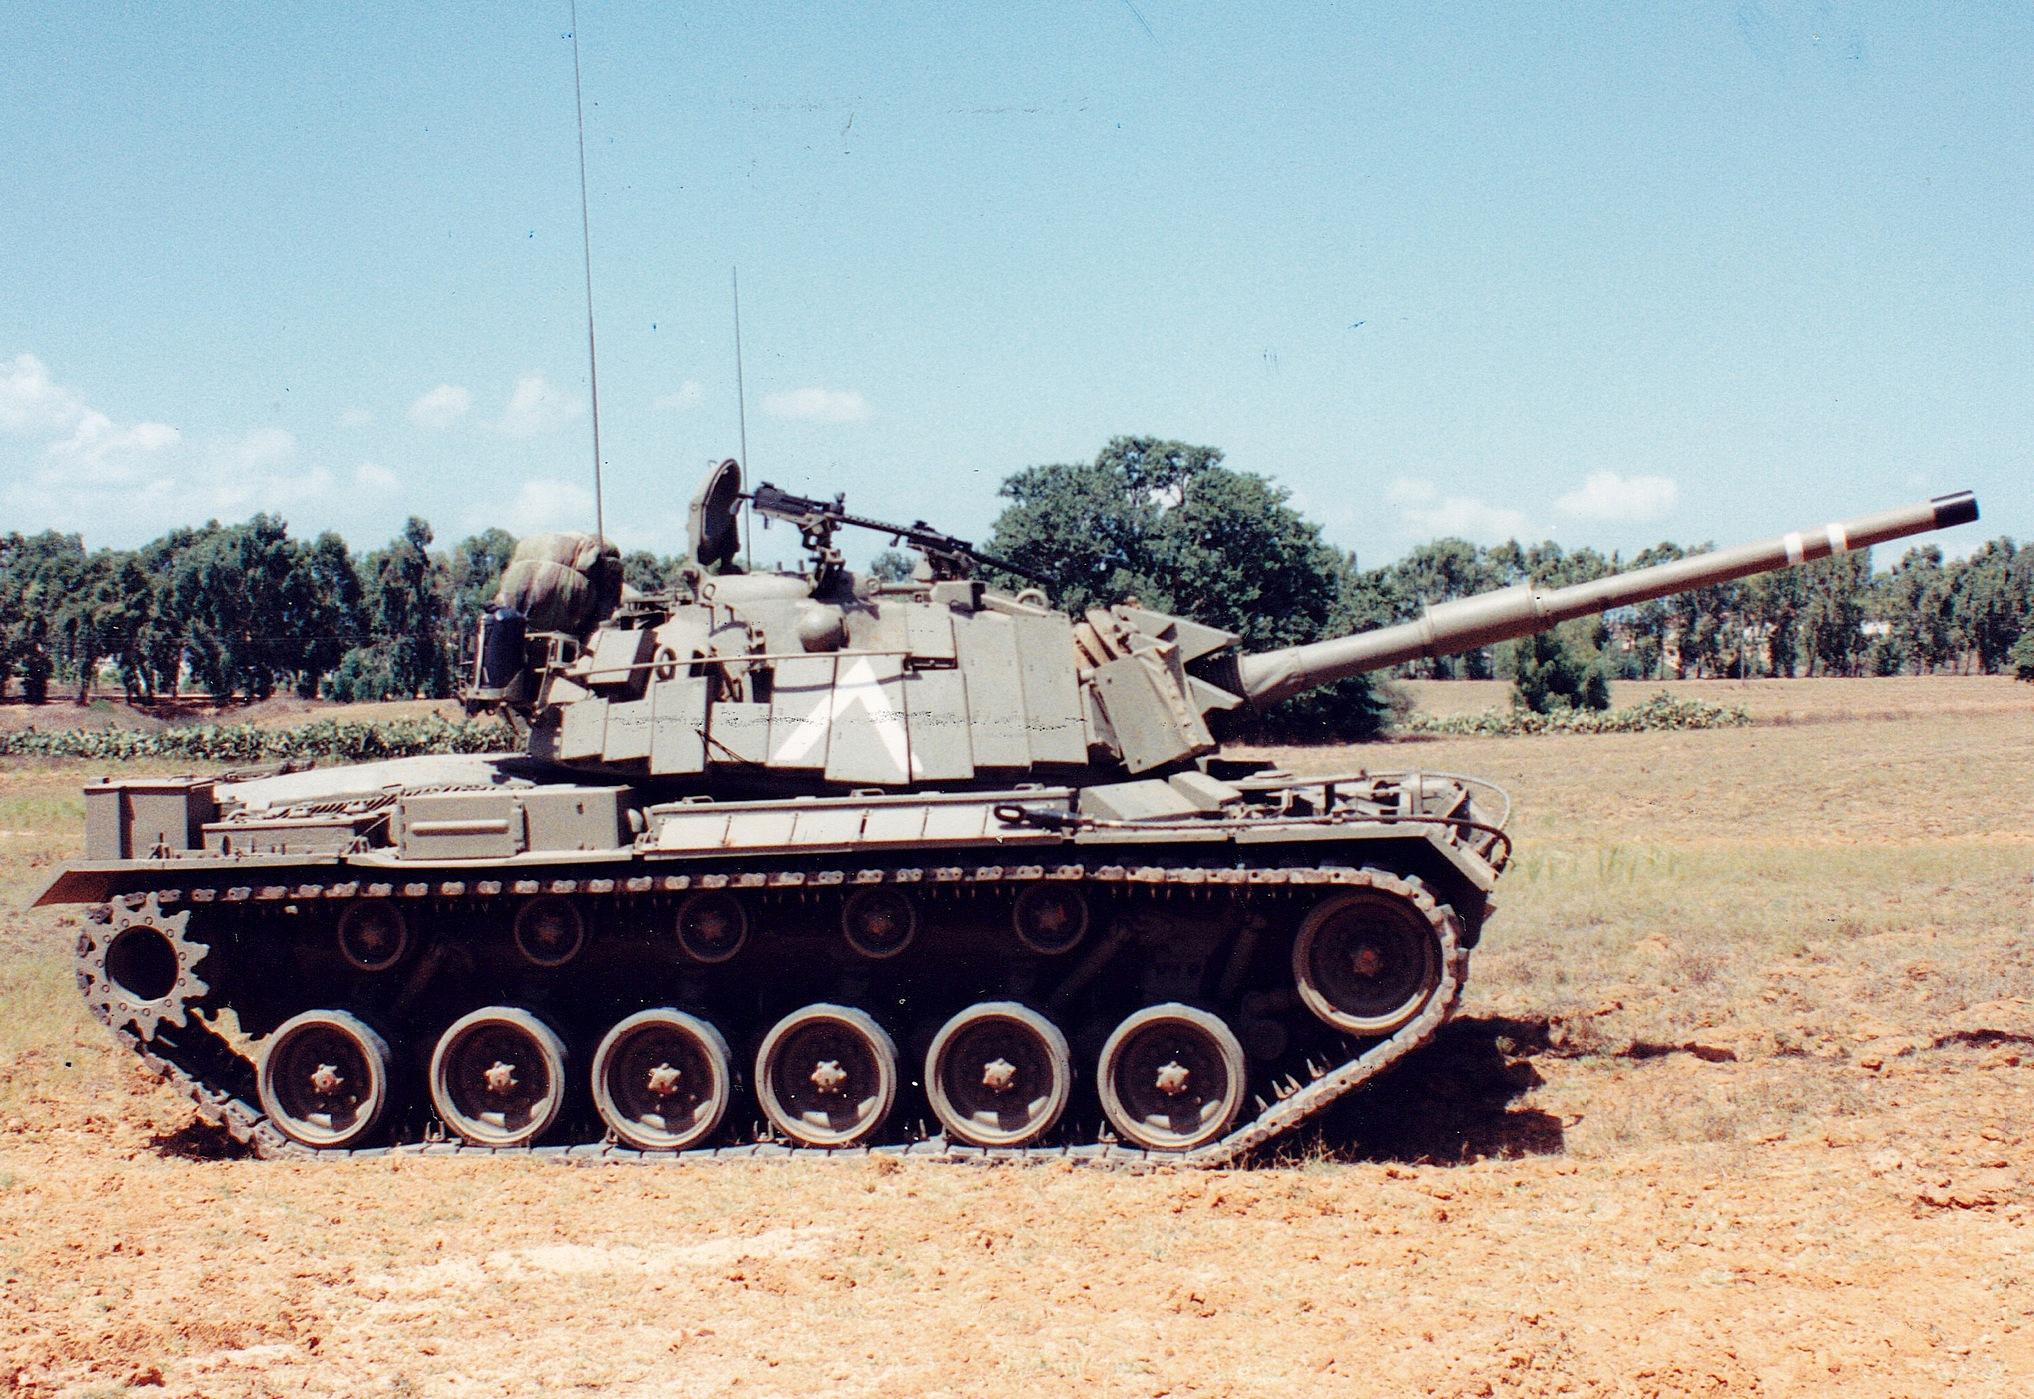 טנק מגיח 3 עם מיגון בלטן, מדוכות עשן ושיפורים נוספים. צילום: איציק פורמברג